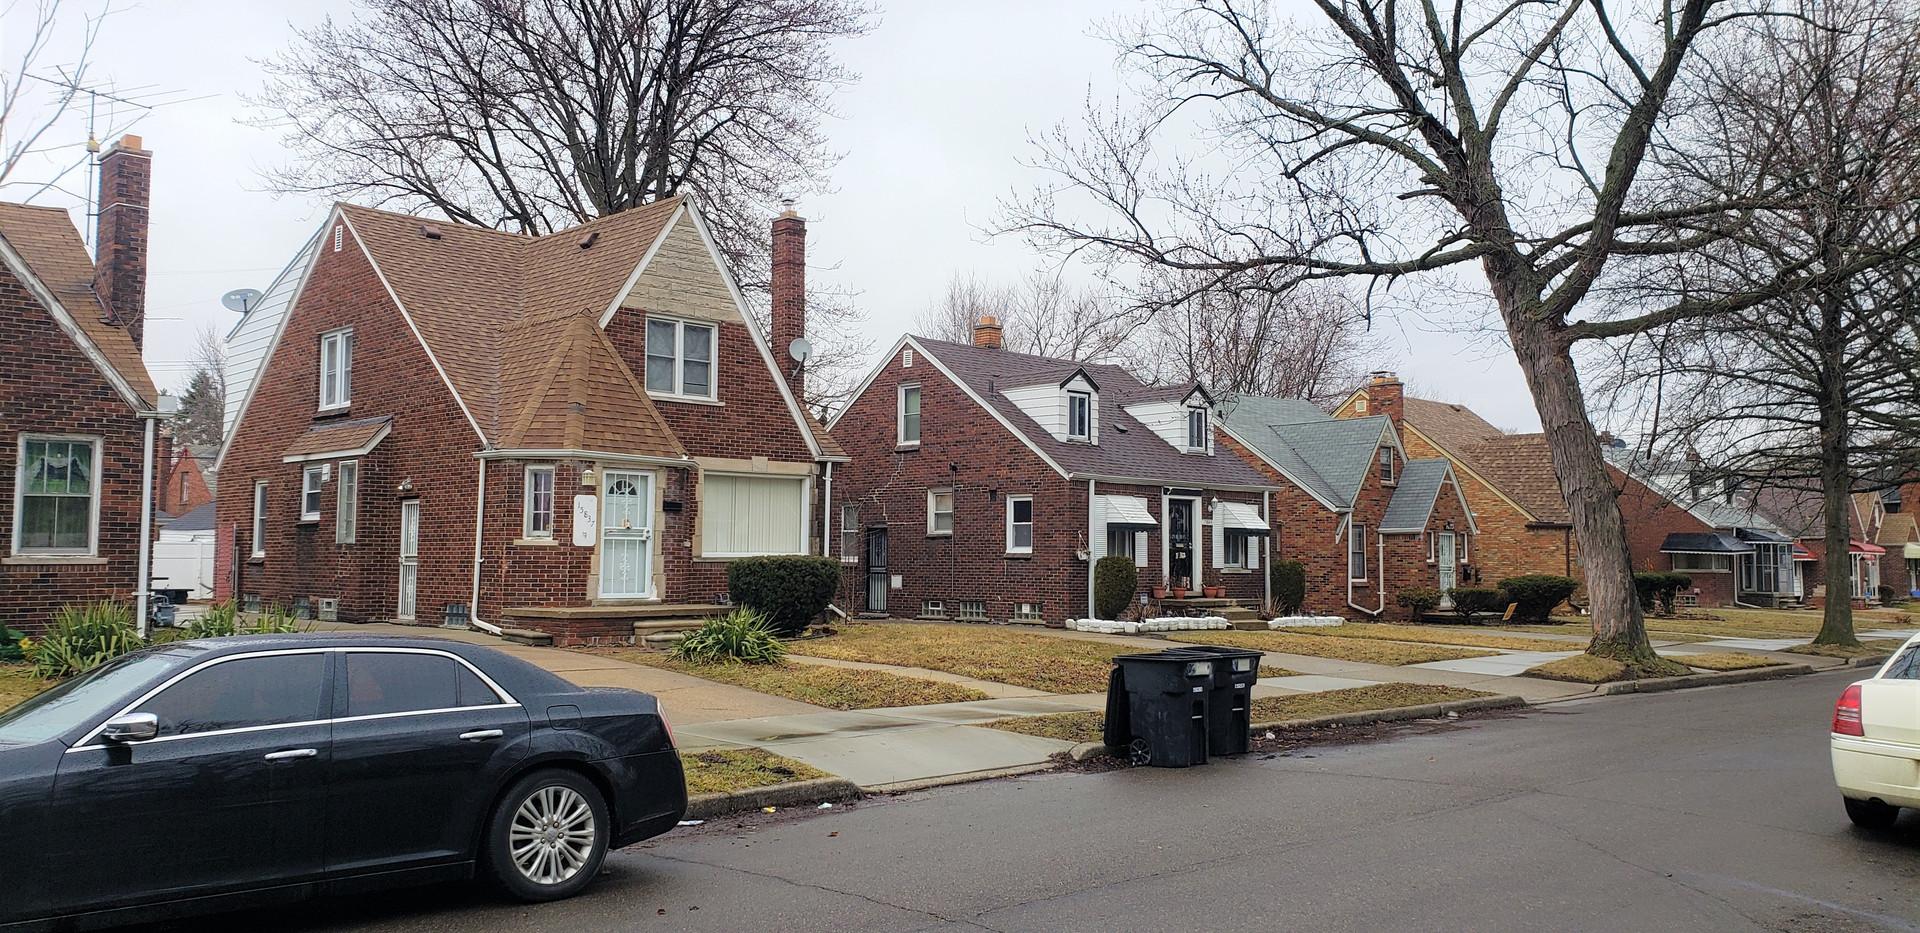 15826-Linnhurst-Street-View-2.jpg